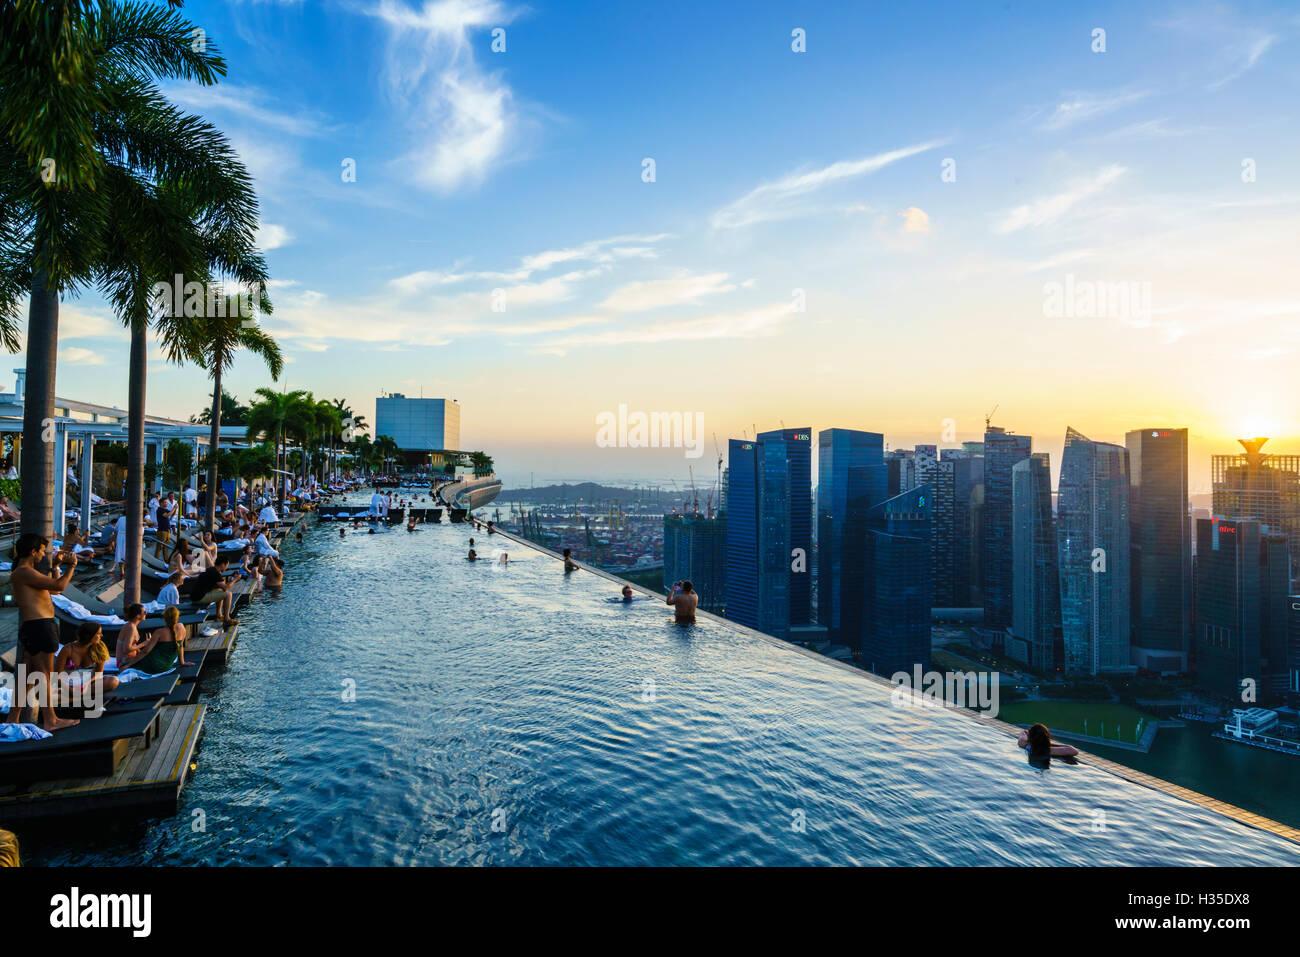 Marina bay singapore pool stockfotos marina bay singapore pool bilder alamy - Singapur skyline pool ...